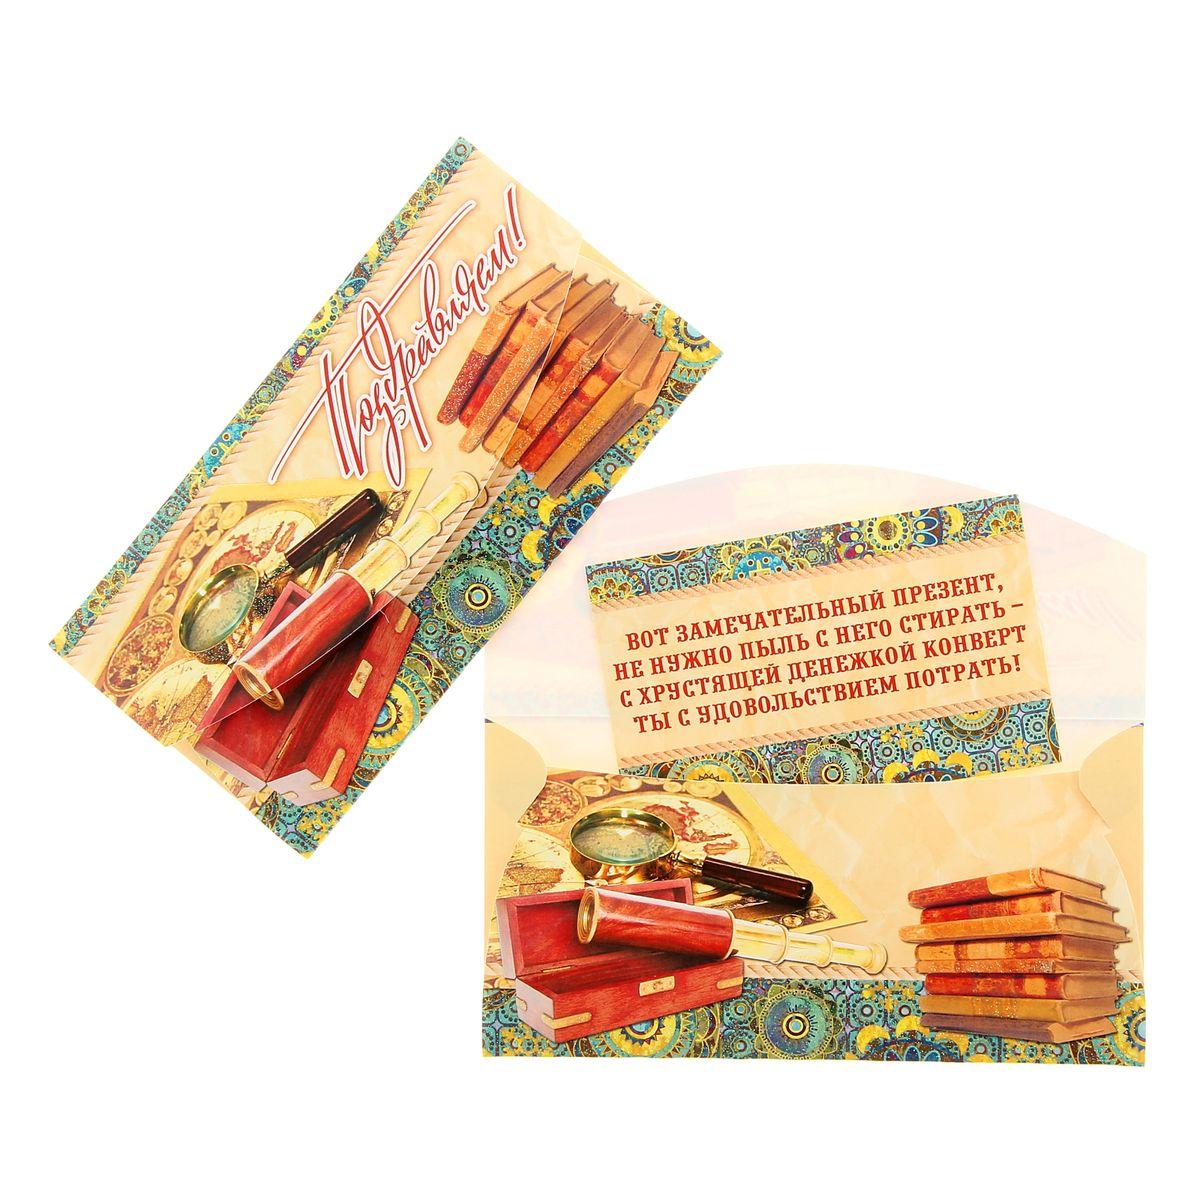 Конверт для денег Поздравляем!. 10287431028743Конверт для денег Поздравляем! выполнен из плотной бумаги и украшен яркой картинкой. На отдельном вкладыше внутри открытки - поздравительные строки: Вот замечательный презент, Не нужно пыль с него стирать -С хрустящей денежкой конвертТы с удовольствием потрать!Это необычная красивая одежка для денежного подарка, а также отличная возможность сделать его более праздничным и создать прекрасное настроение!